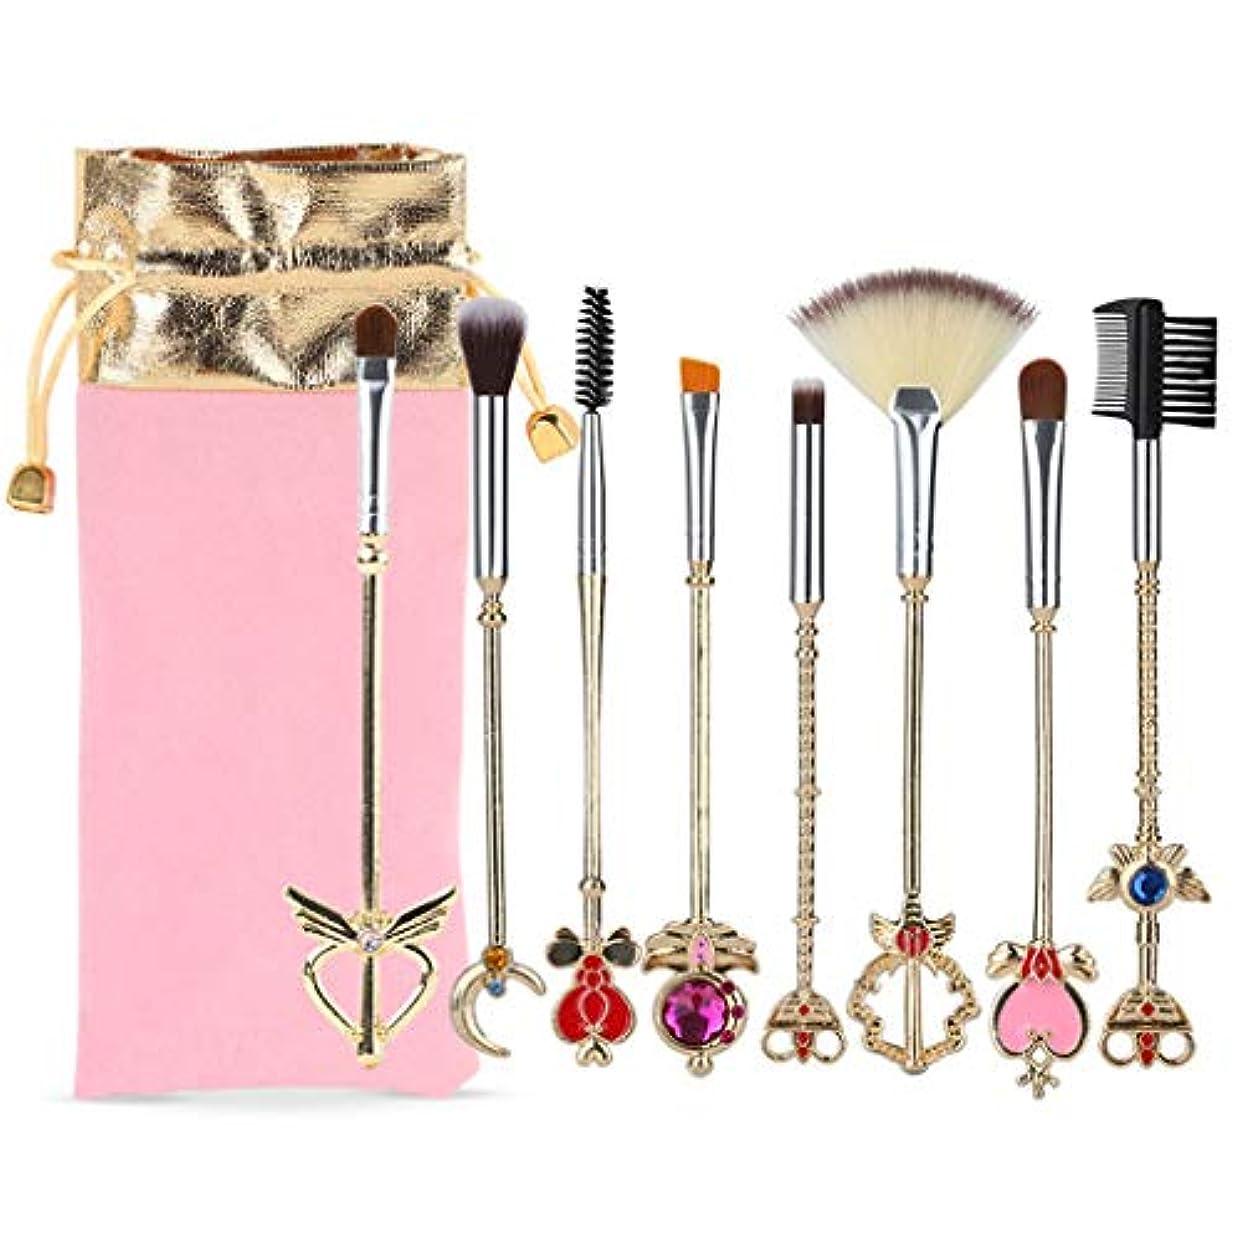 8化粧ブラシ美容ツールアメージング桜化粧ブラシ